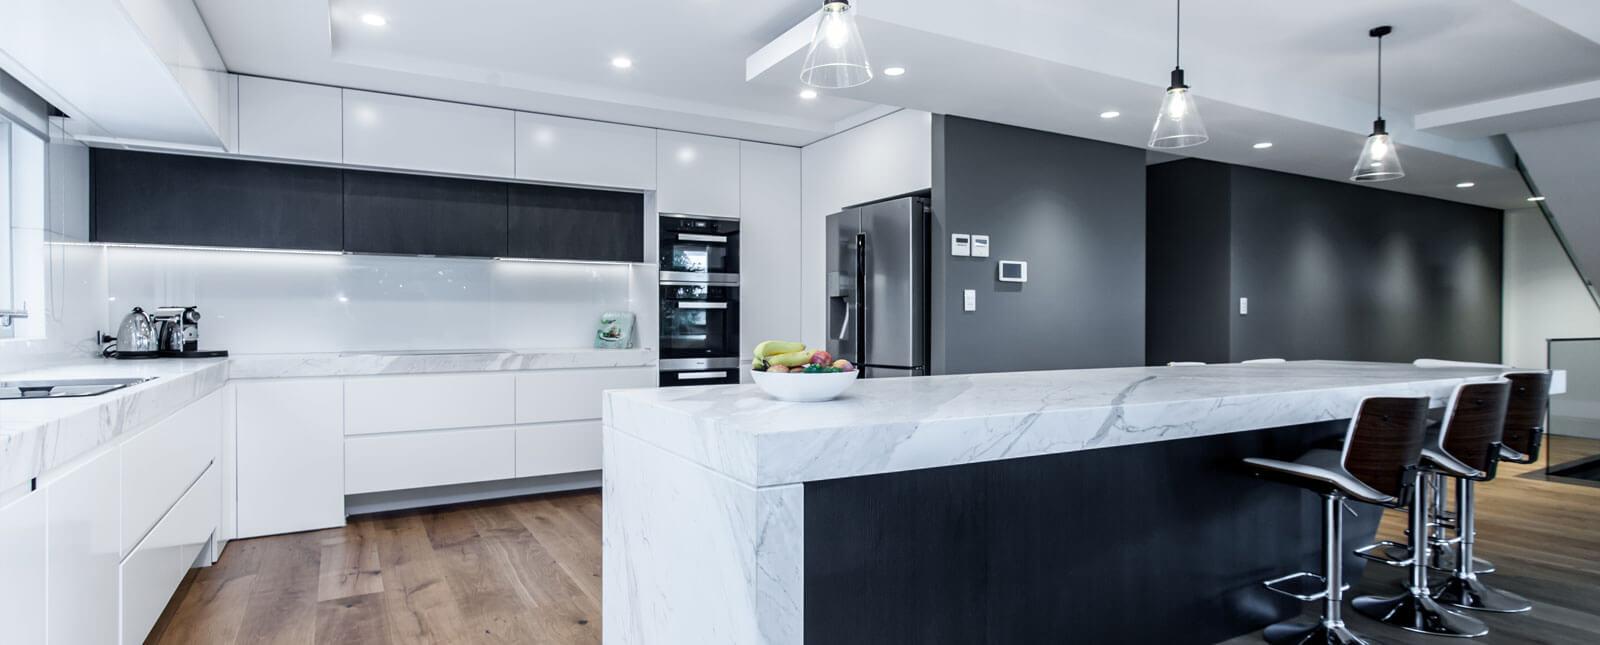 Modern Kitchen Designers Sydney NSW - Kellyville Kitchens